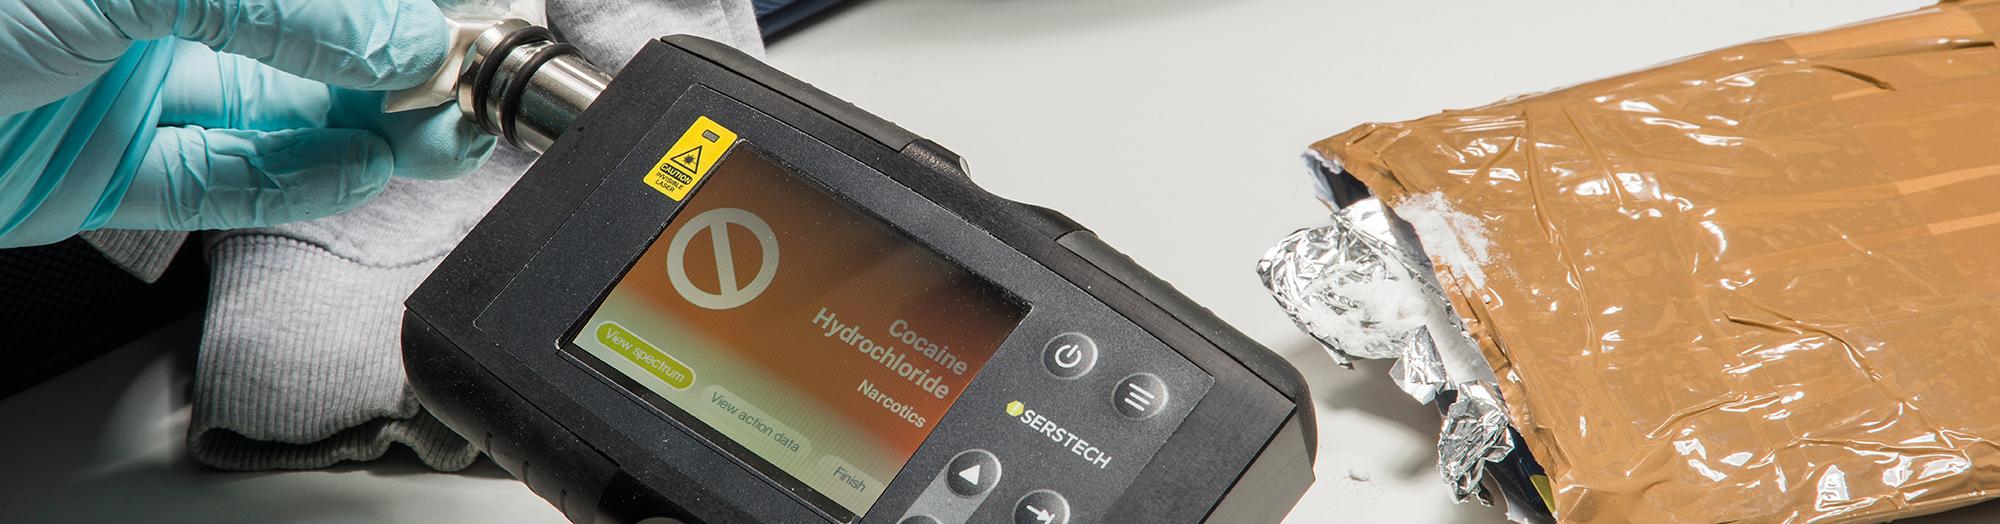 Handheld Raman Spectrometer, Serstech